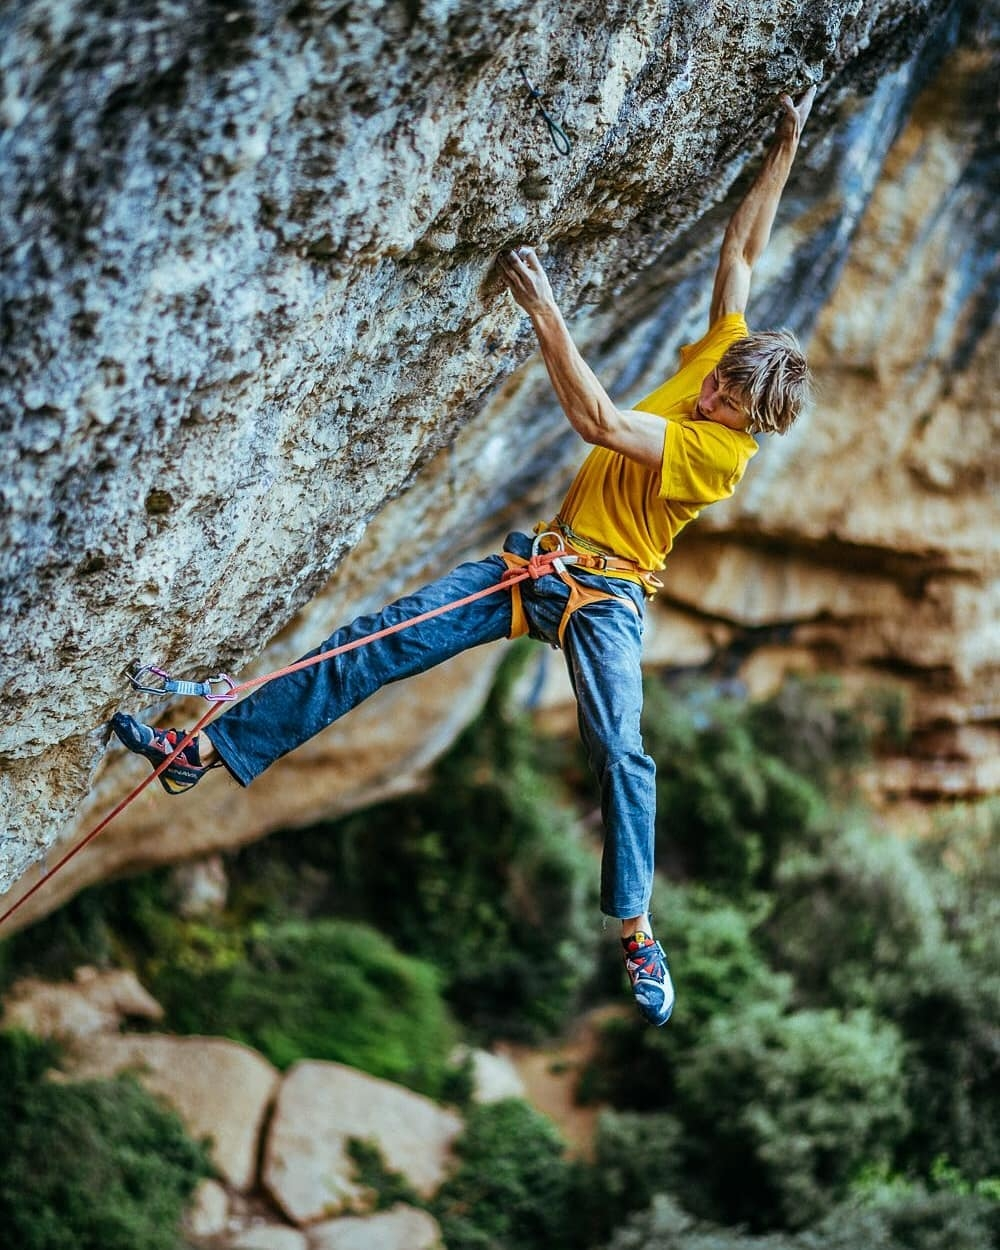 Alex megos arrampicata Perfecto Mundo 9b+